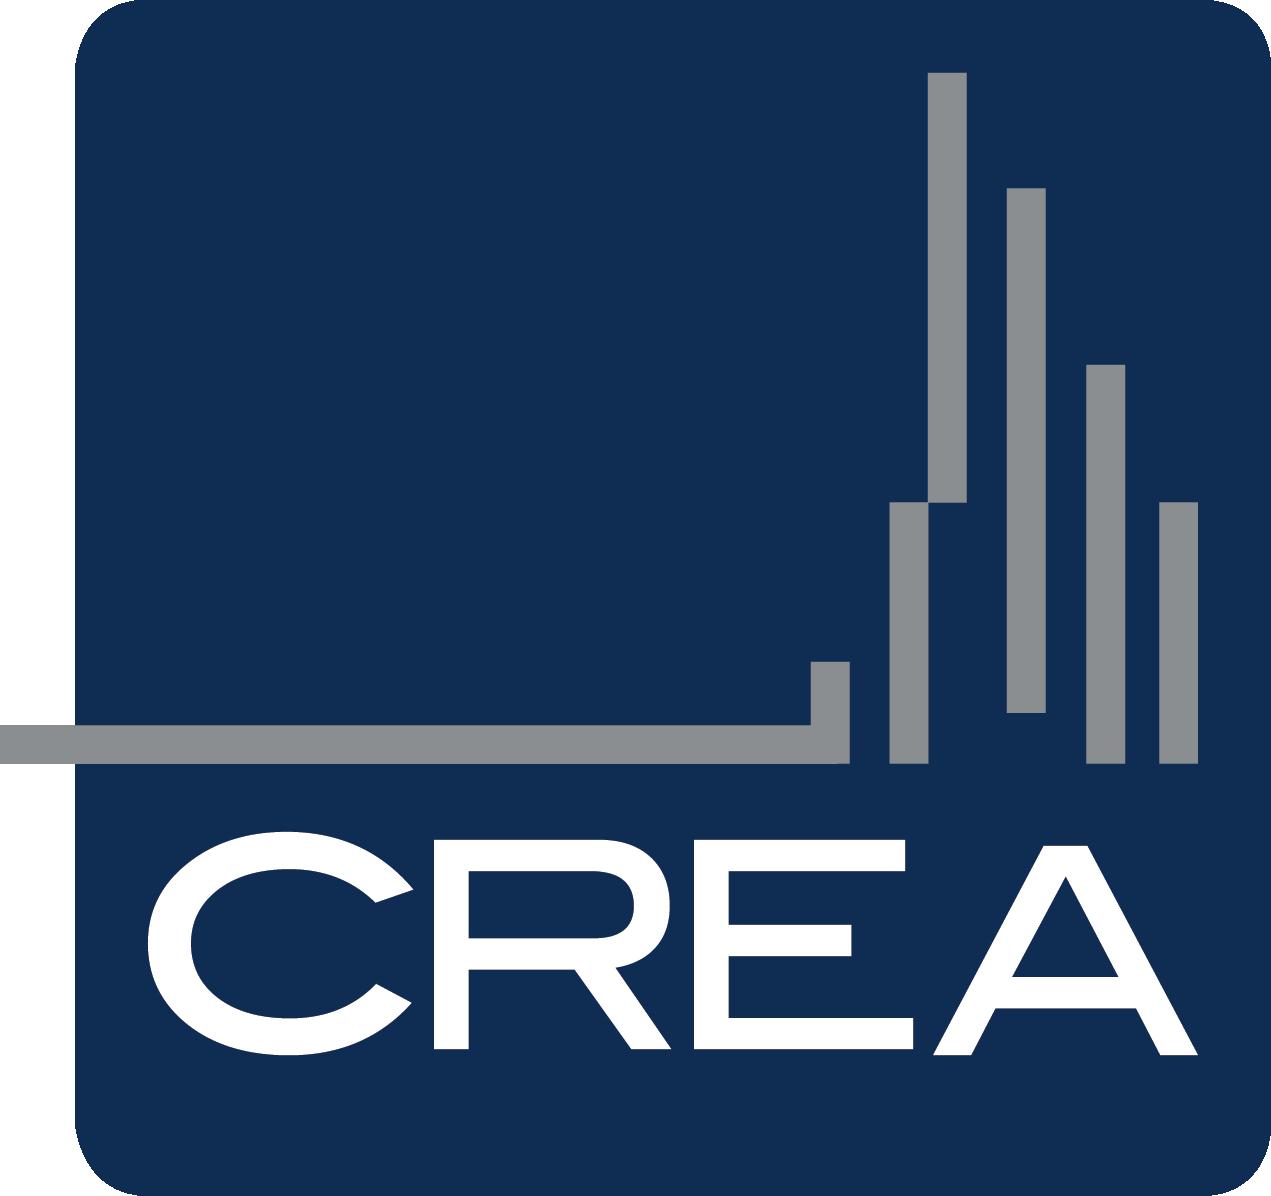 CREABlock_2c_v2_-_logo.png